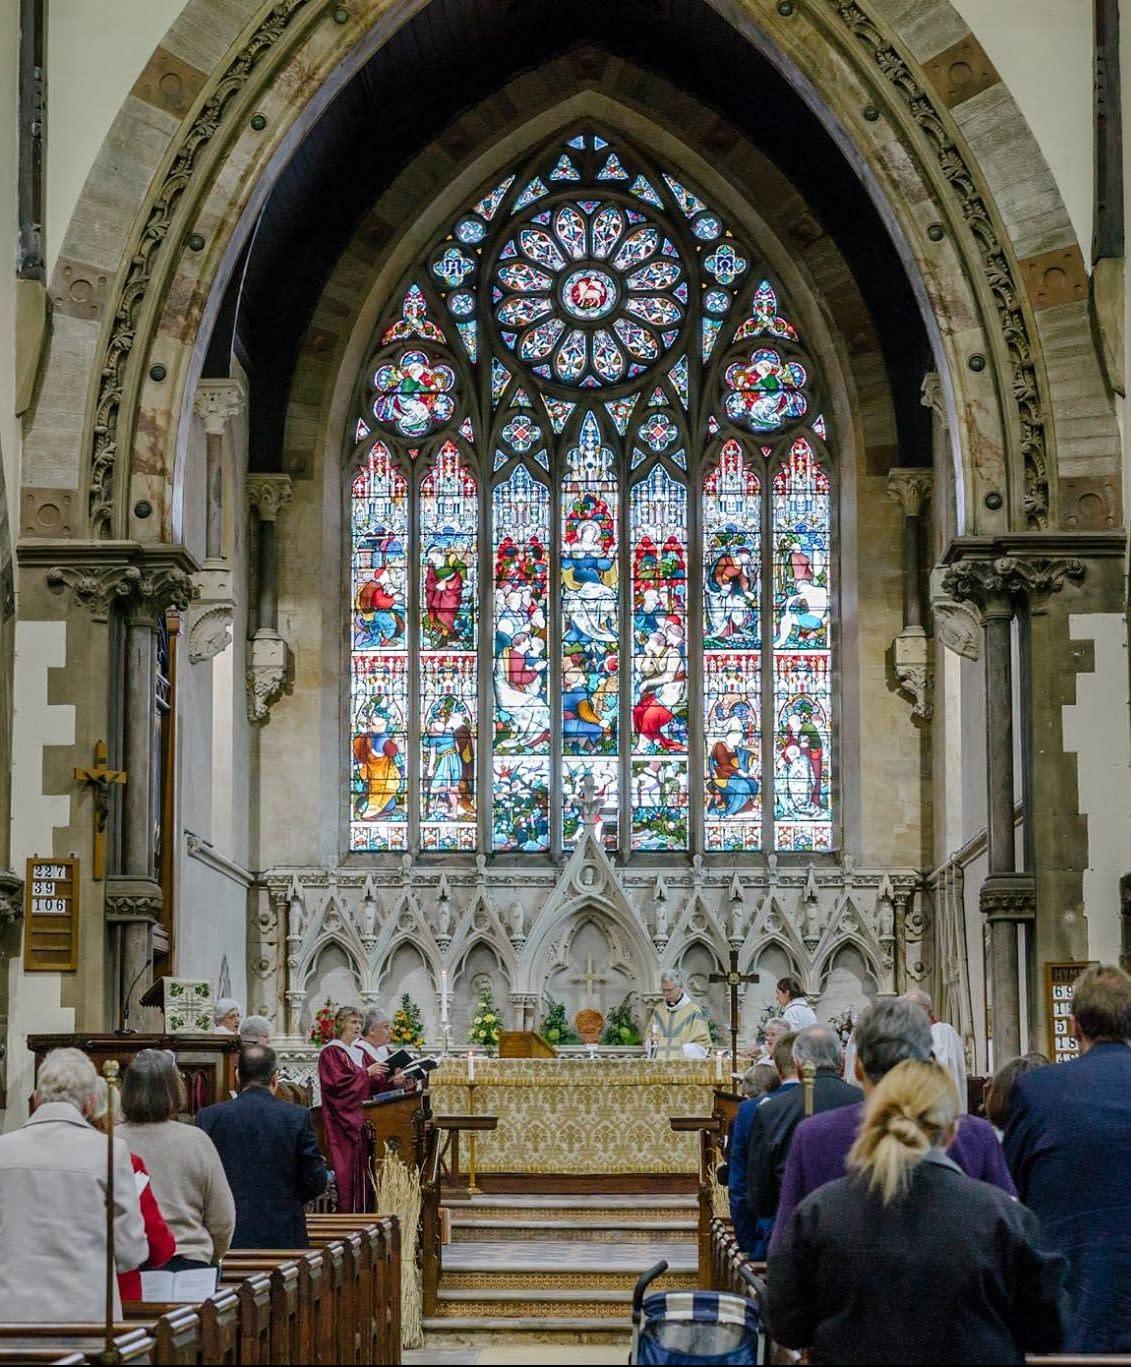 Harvest Festival at St Mark's Church